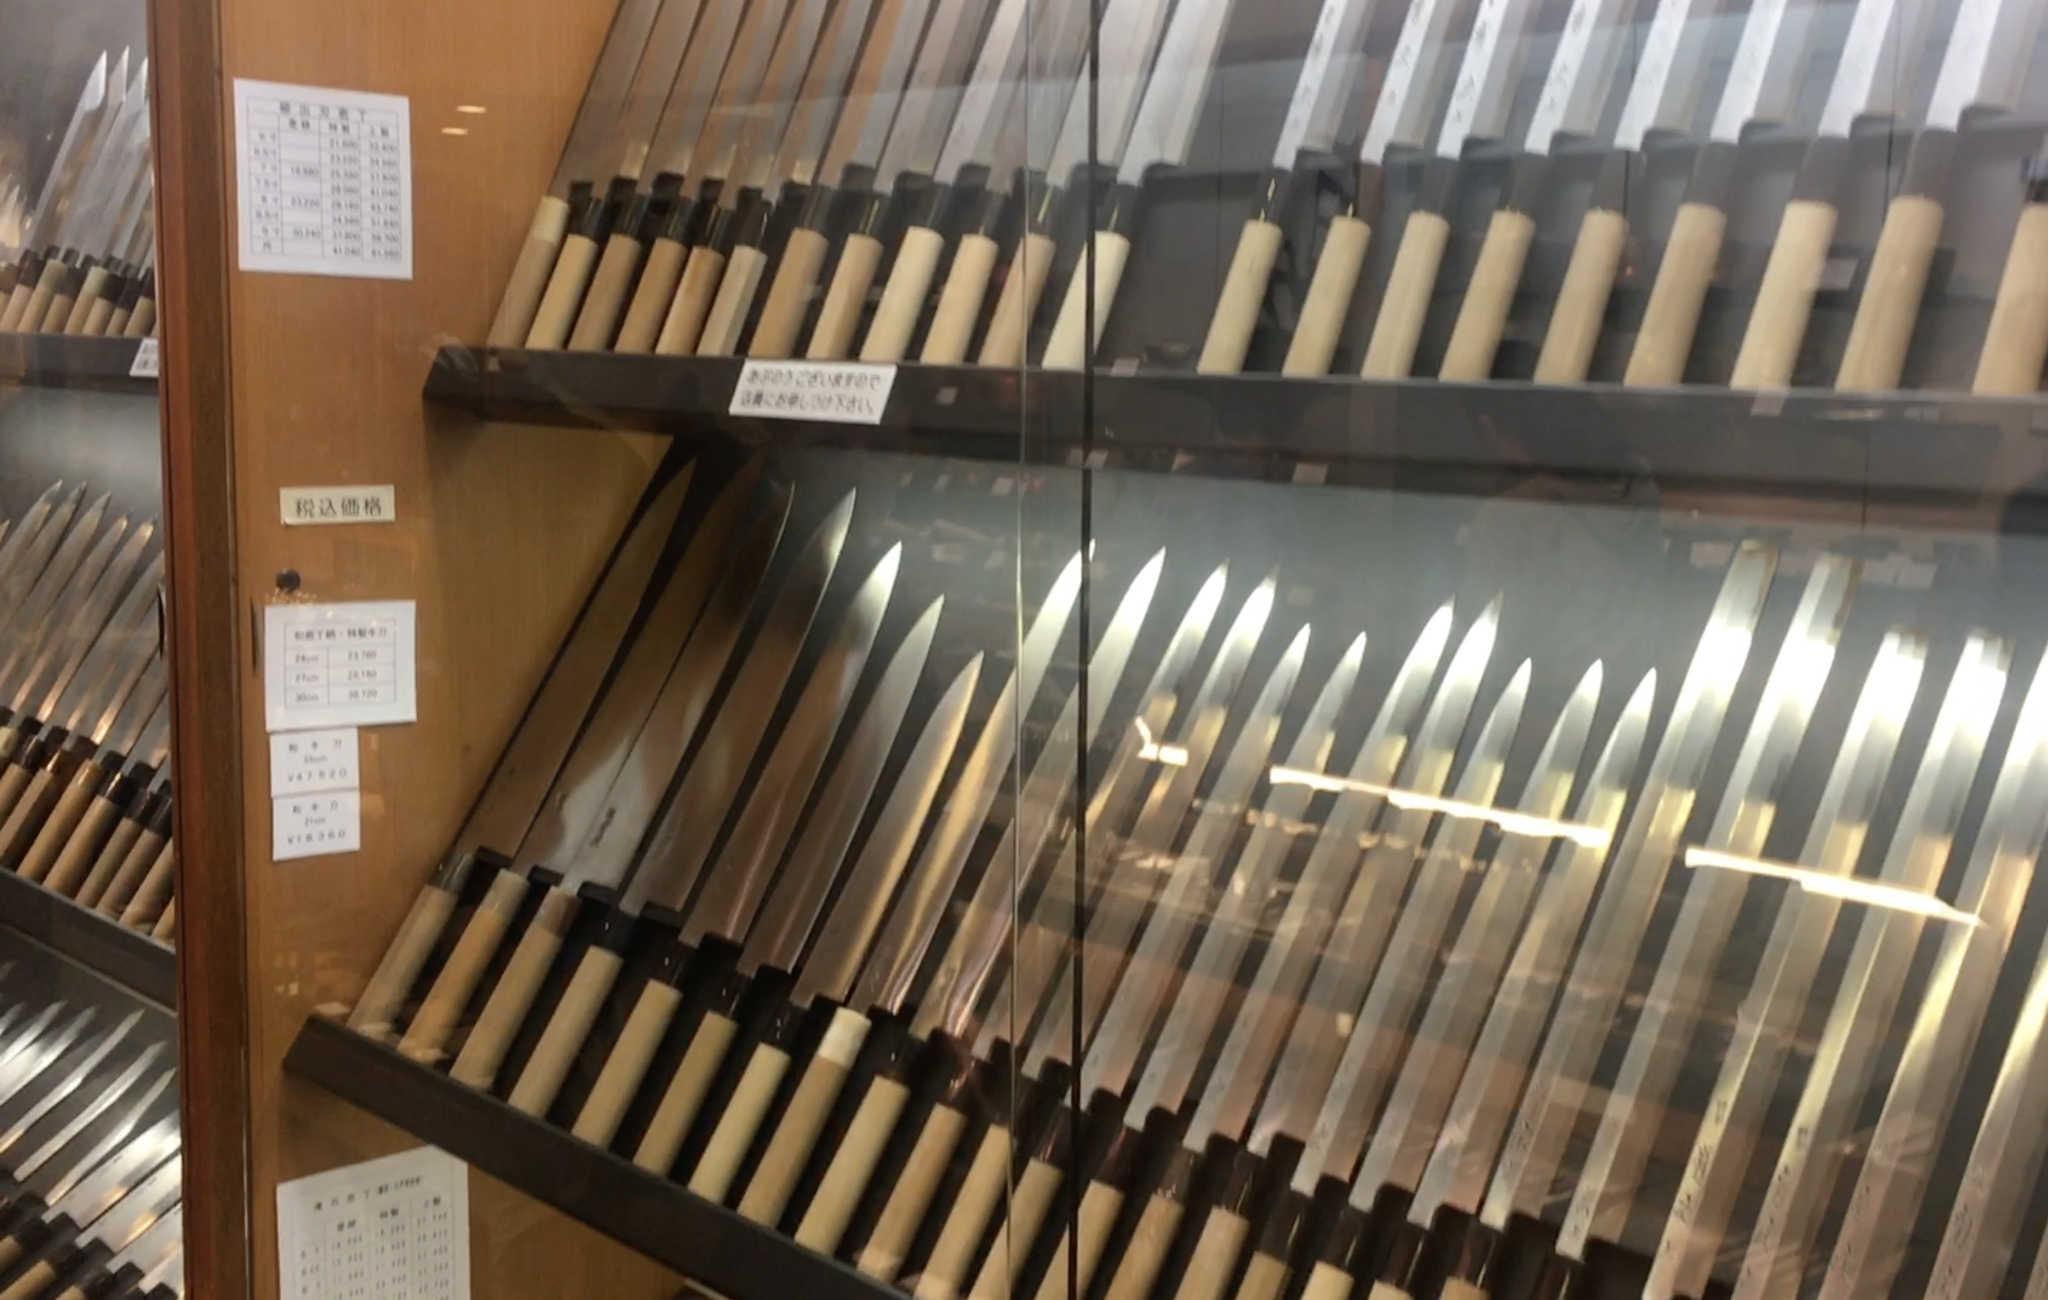 Il y a vraiment des centaines de couteaux différents, en forme et en taille